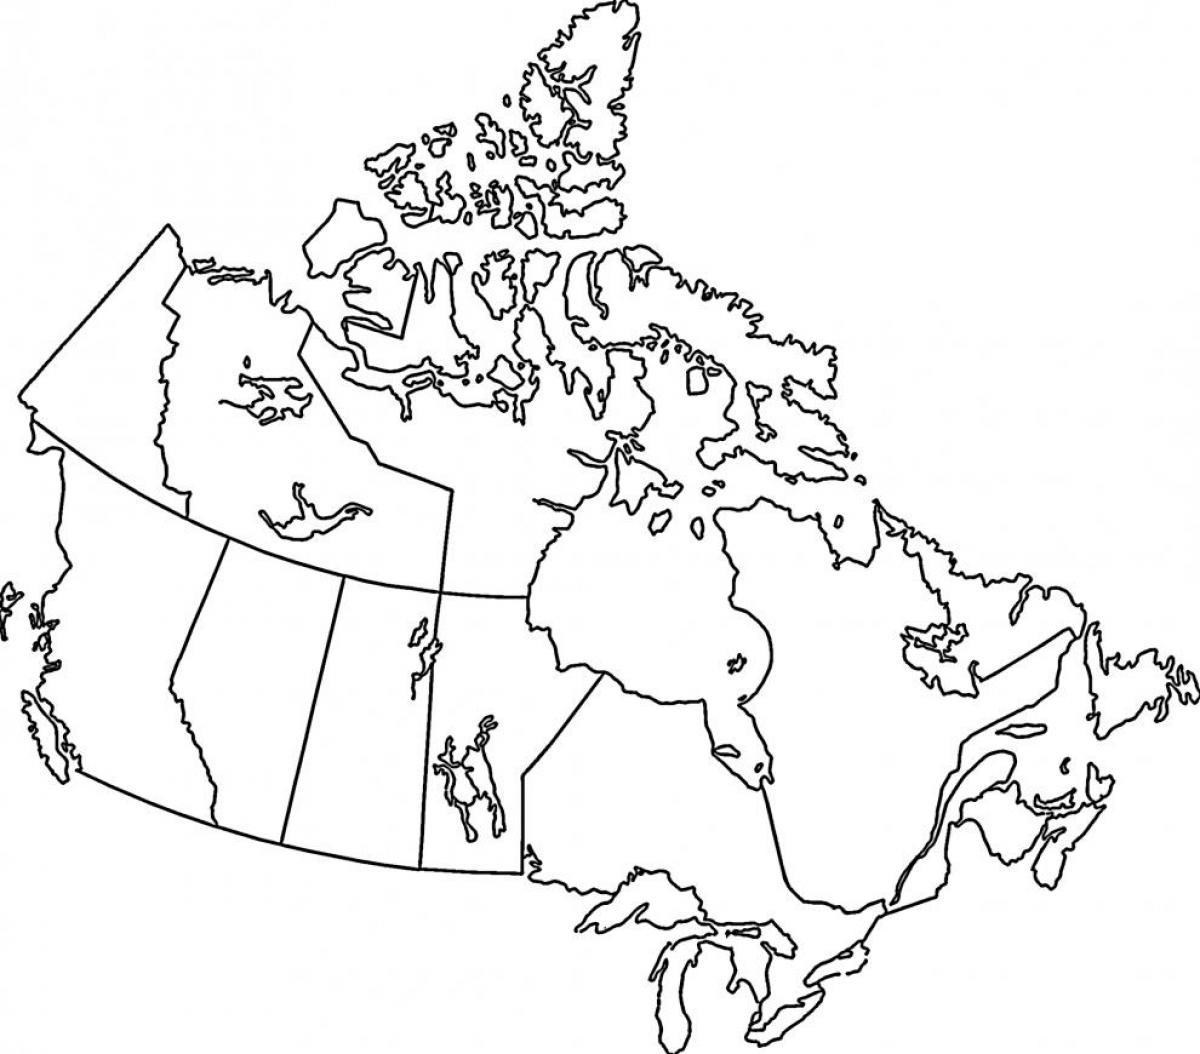 Kuzey Amerika Amerikarenkli Kanada Boyama Sayfasını Göster Göster